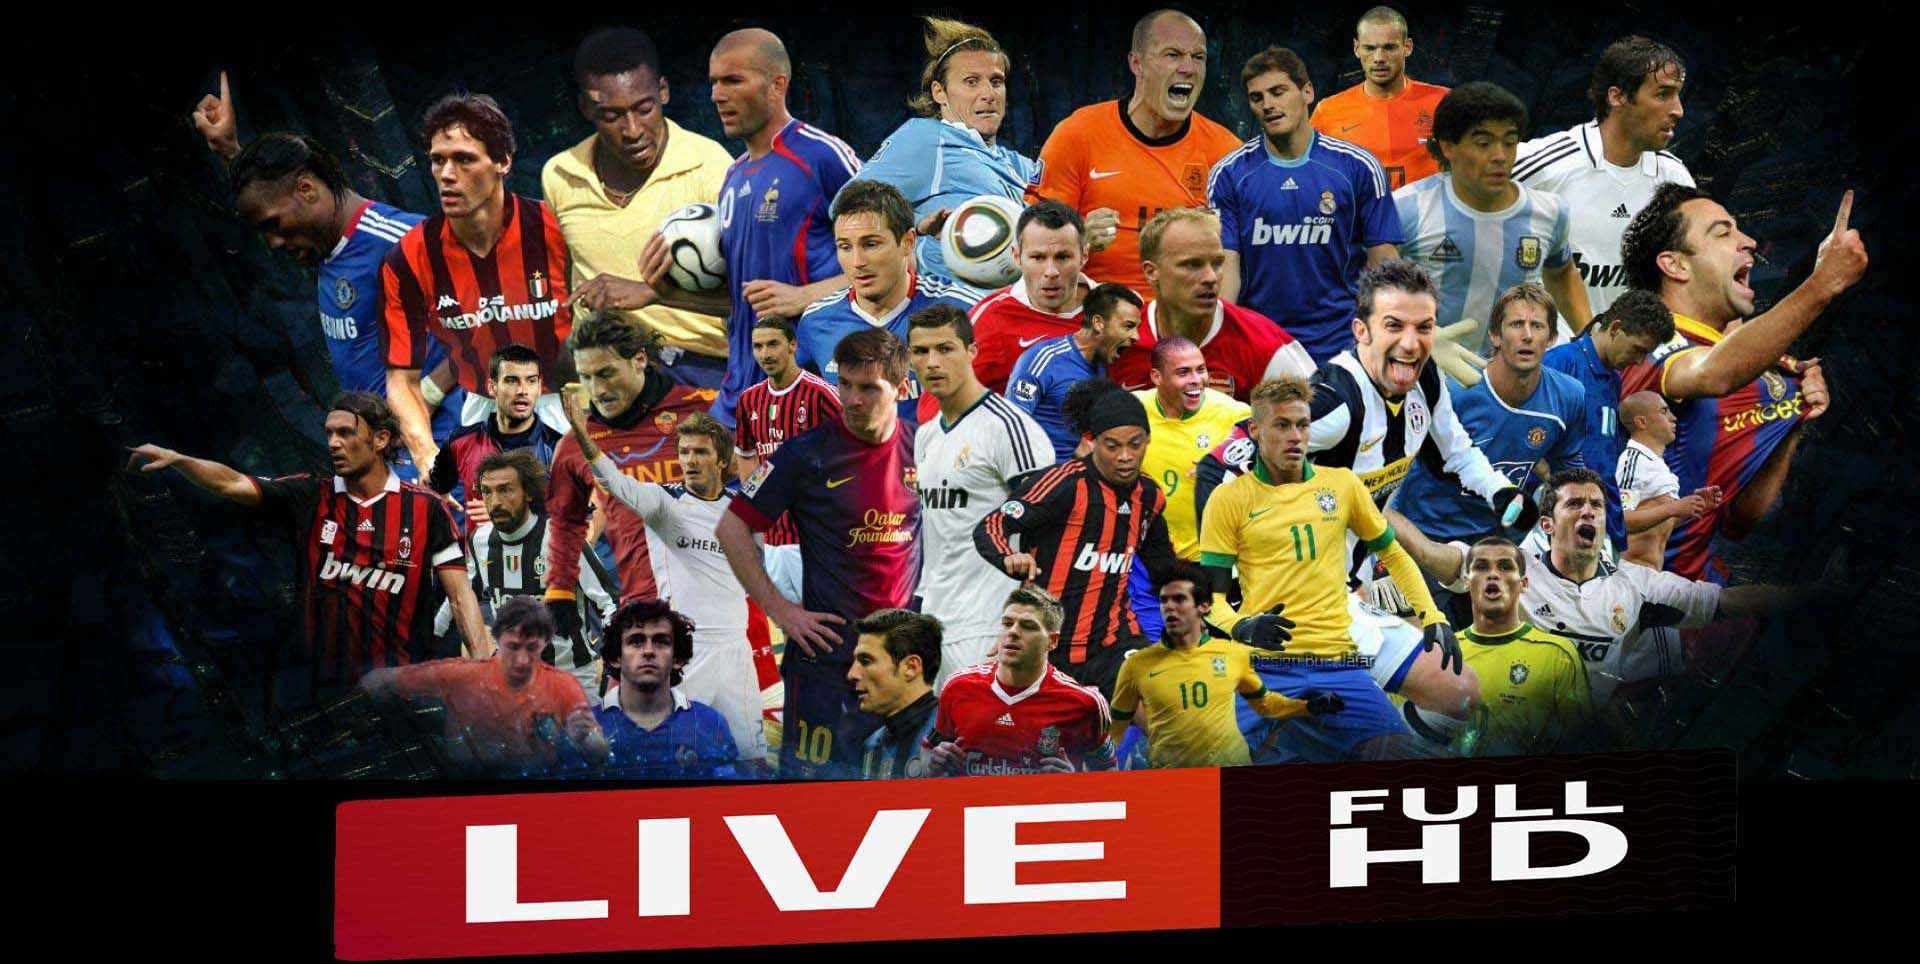 watch-juventus-vs-lyon-uefa-live